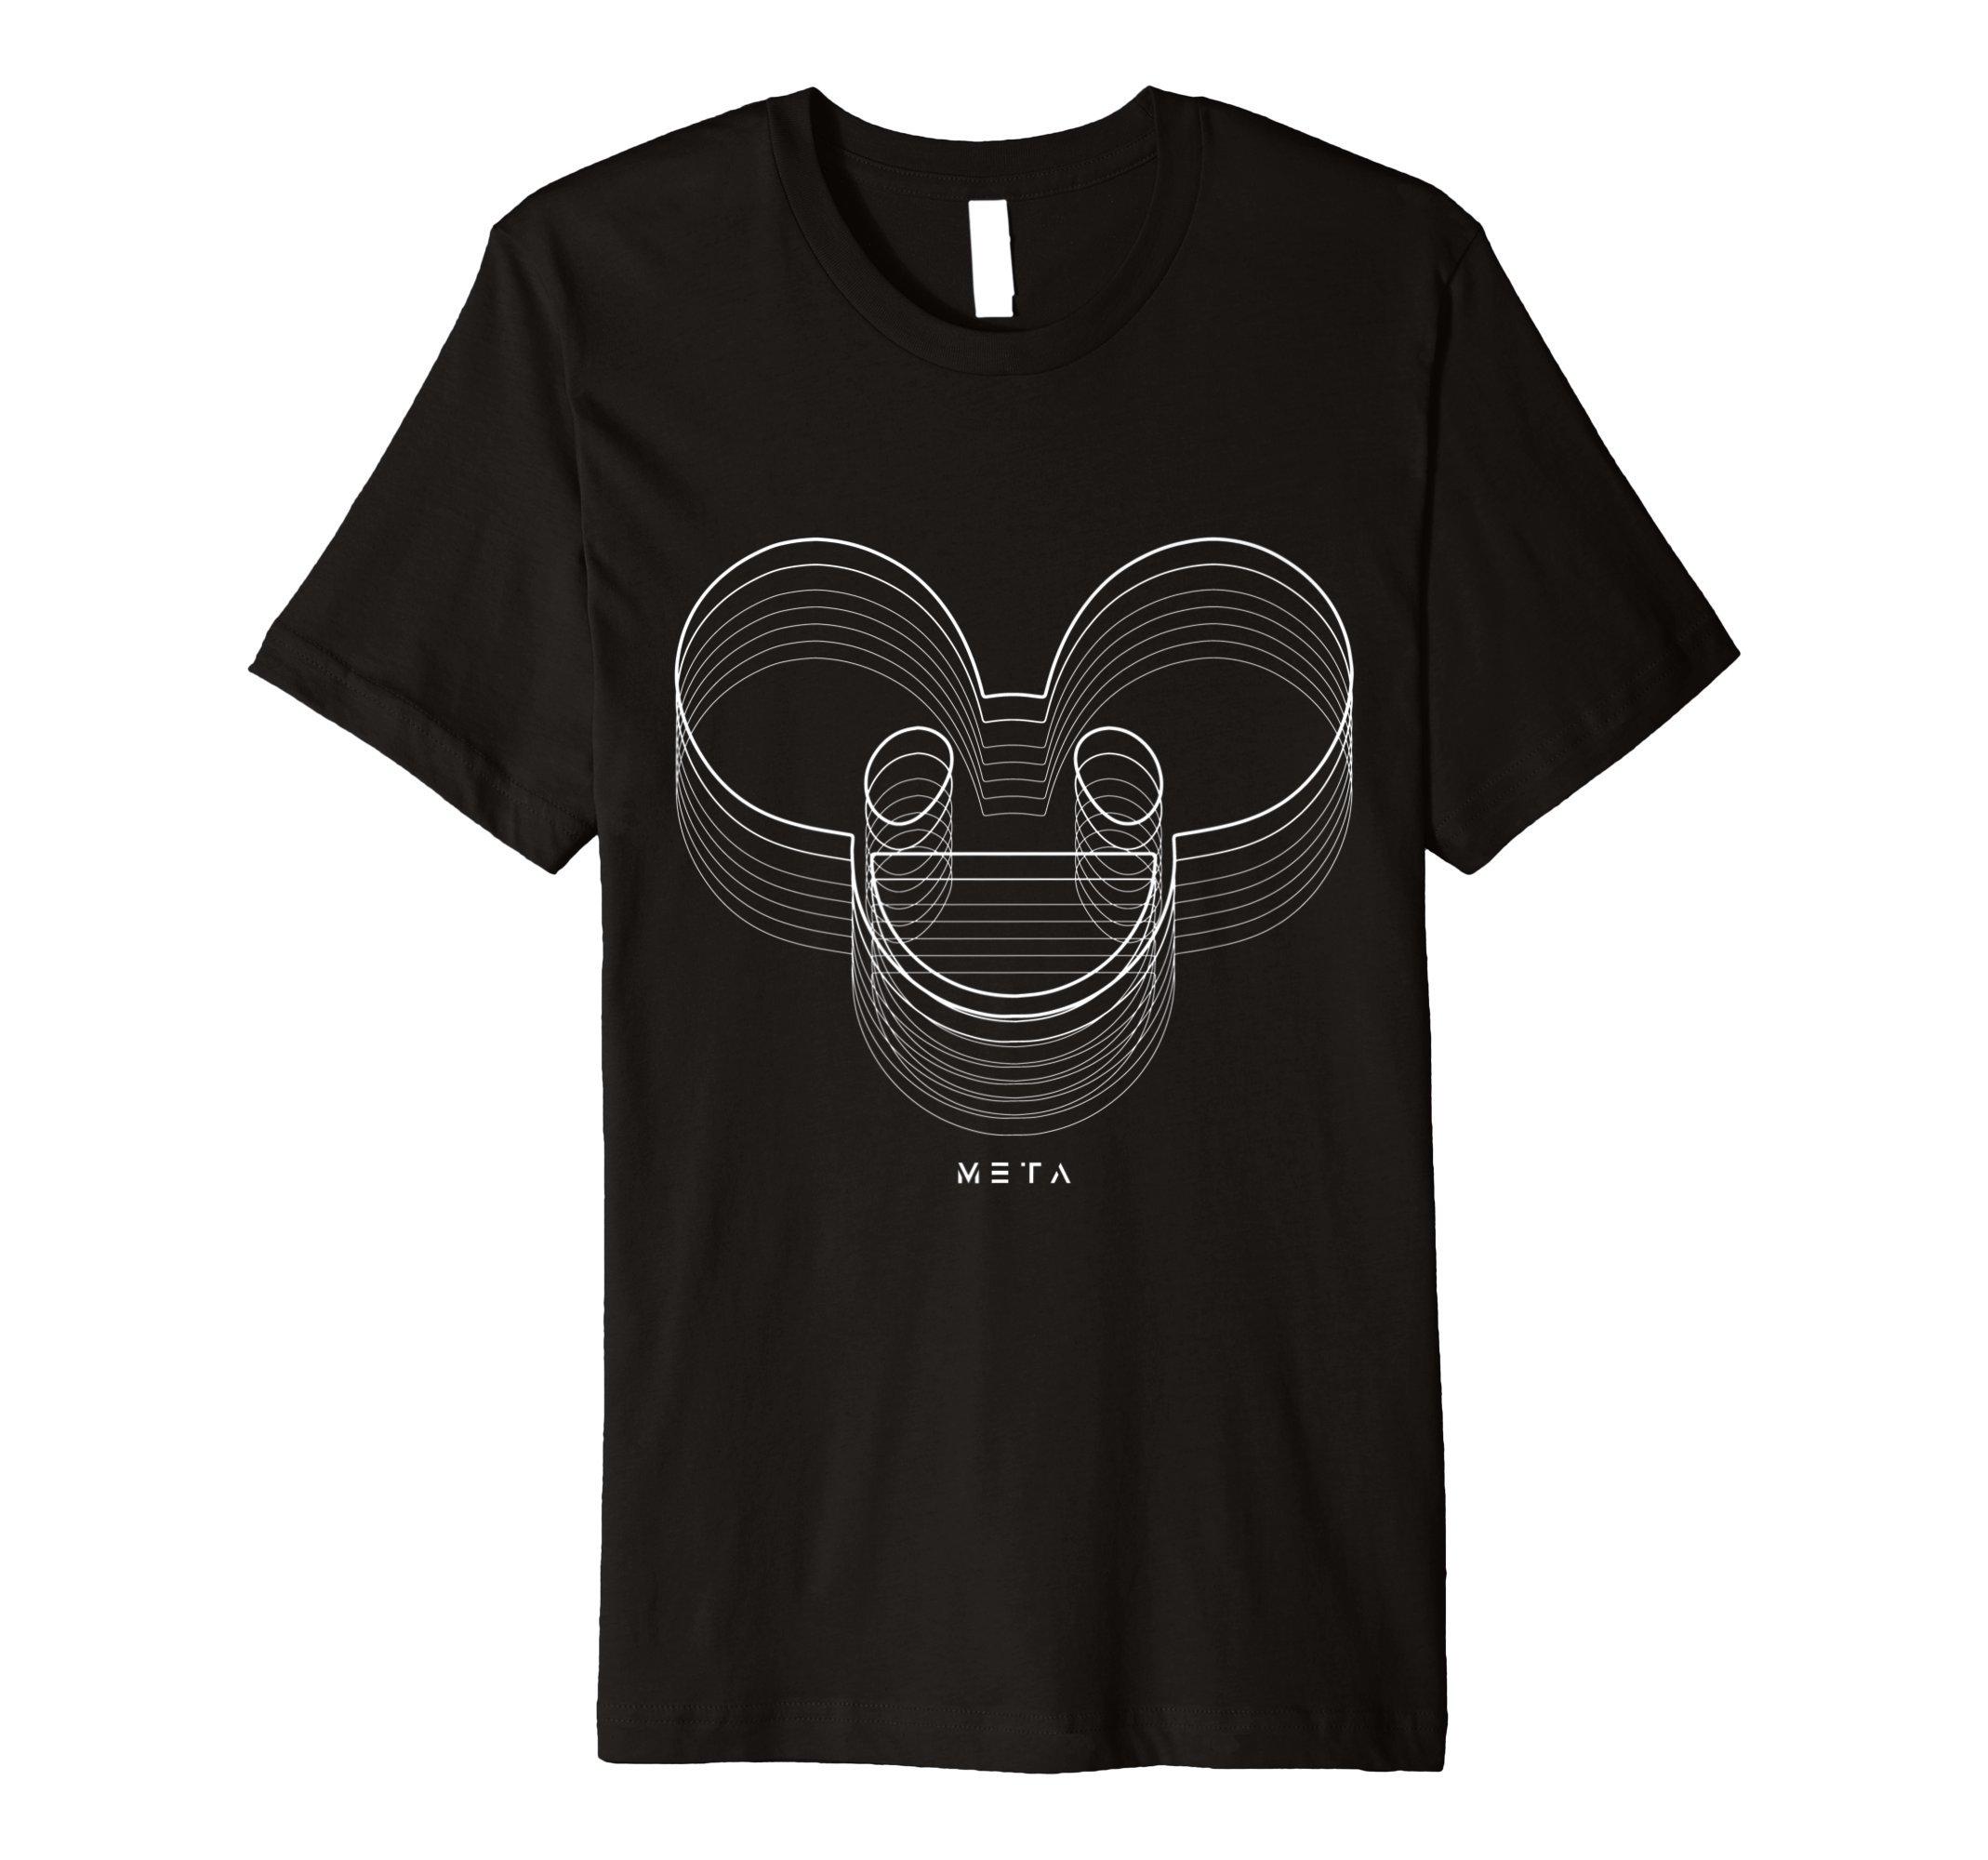 deadmau5 x Meta Threads T-shirt